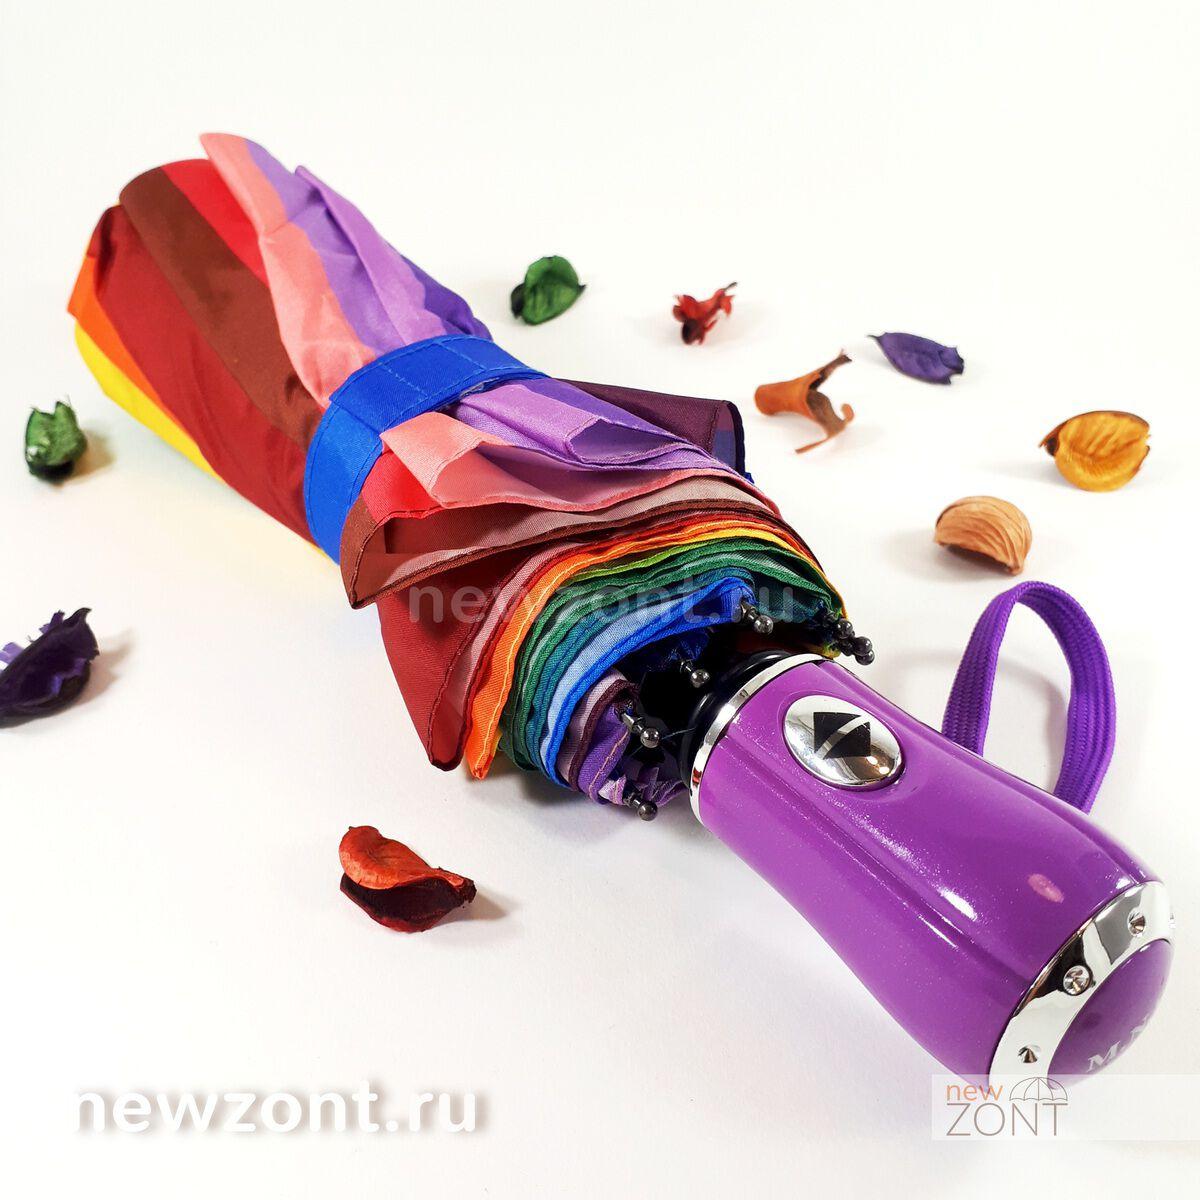 Зонтик радуга складной женский